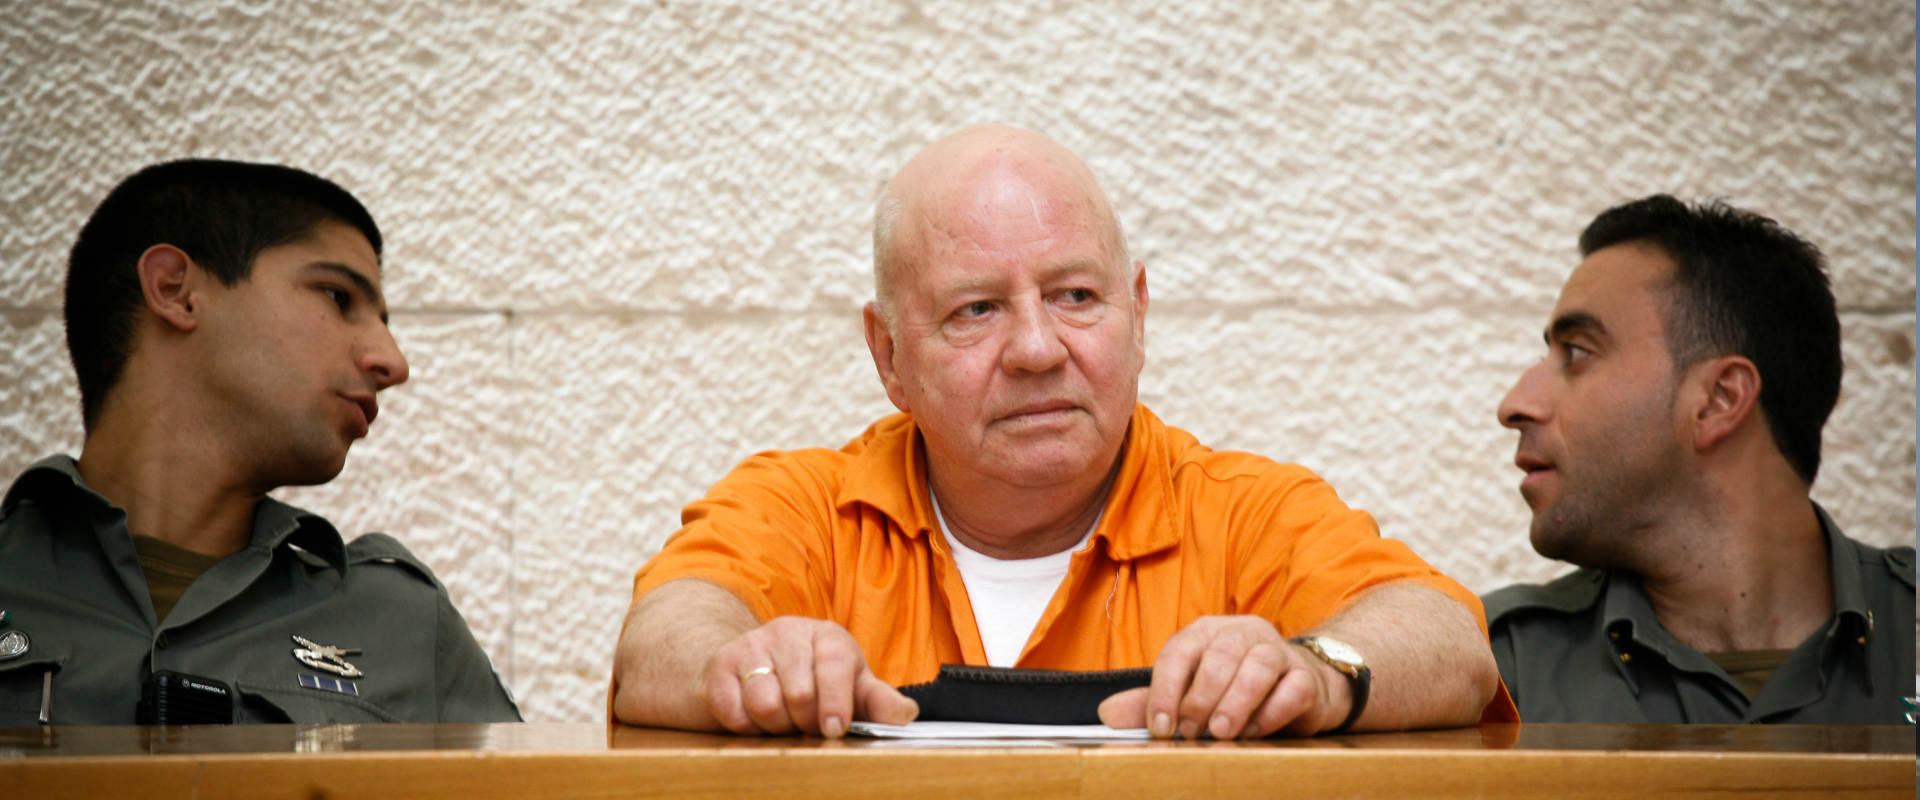 צבי גור בבית המשפט